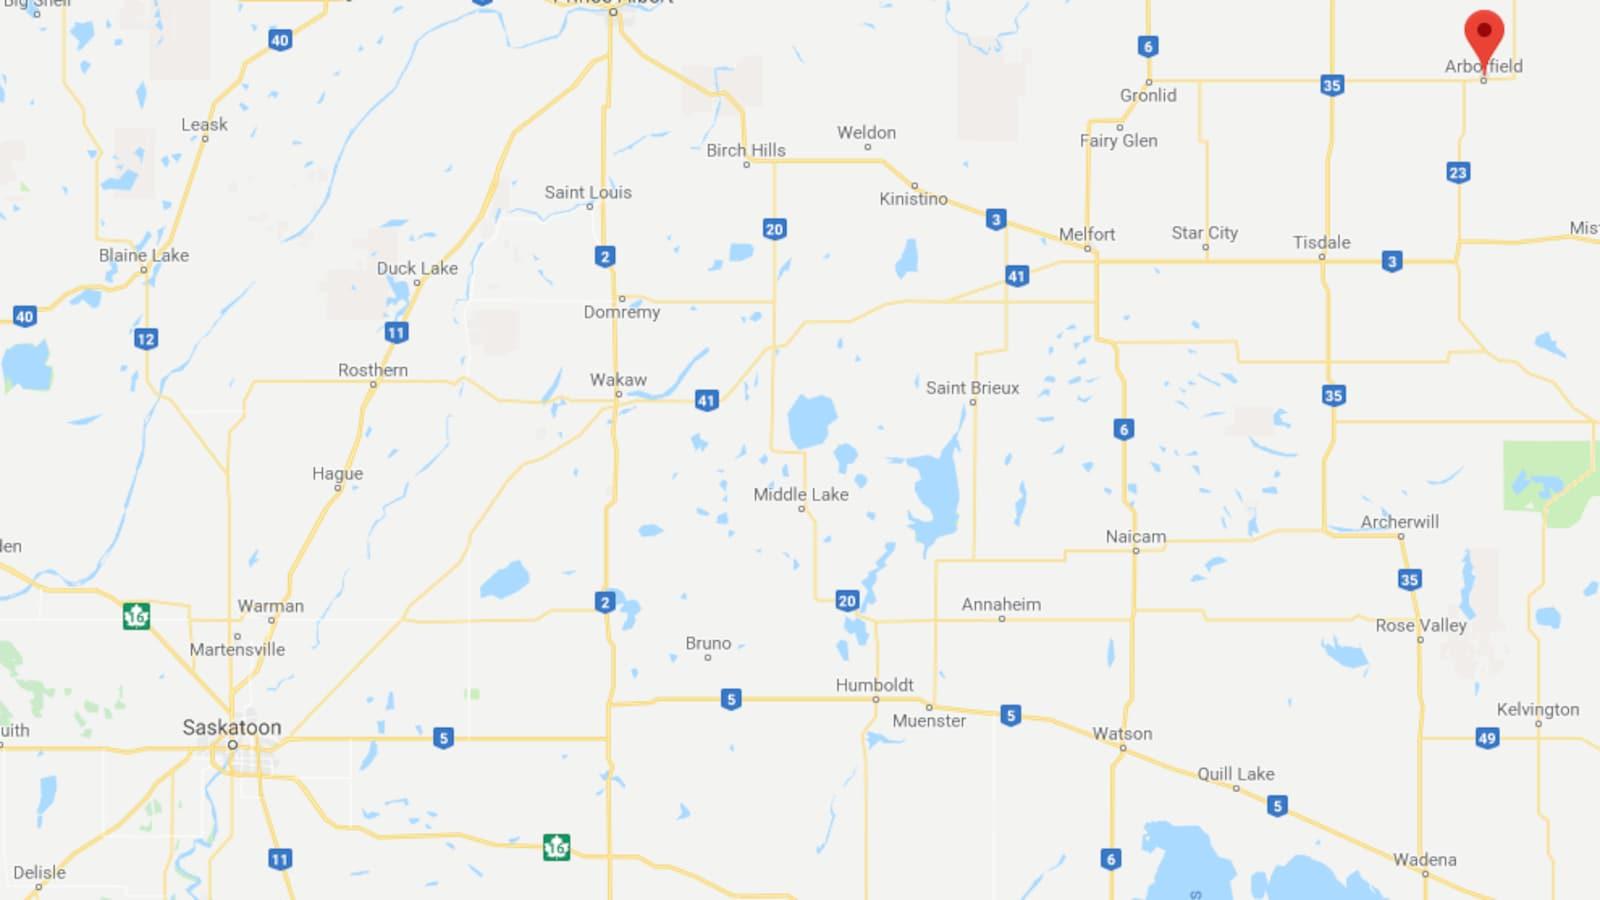 Carte de la région d'Arborfield.